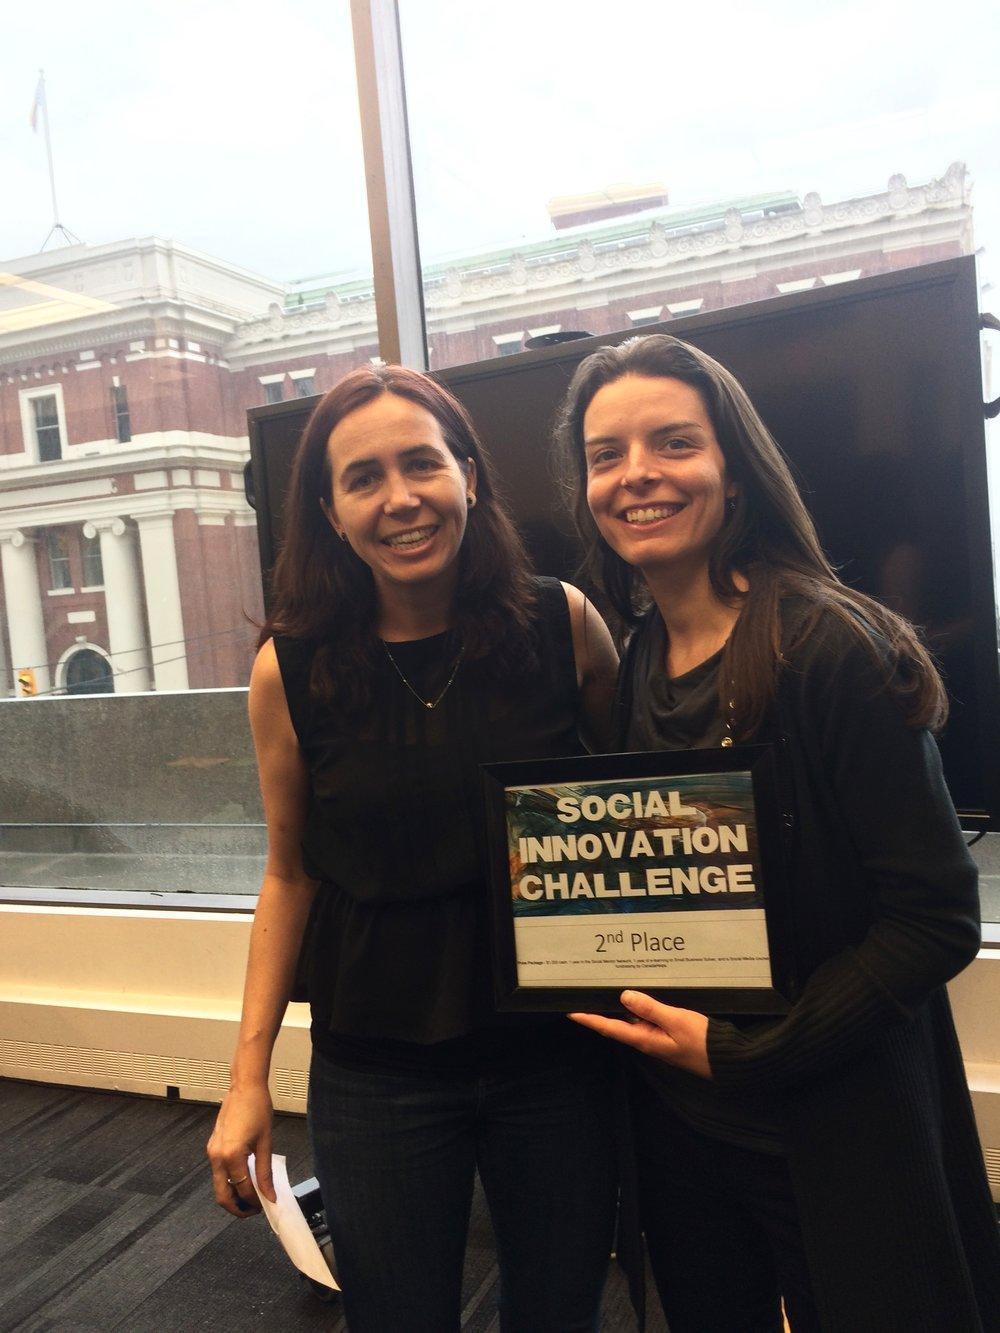 Social Innovation Challenge - Karen Tomkins